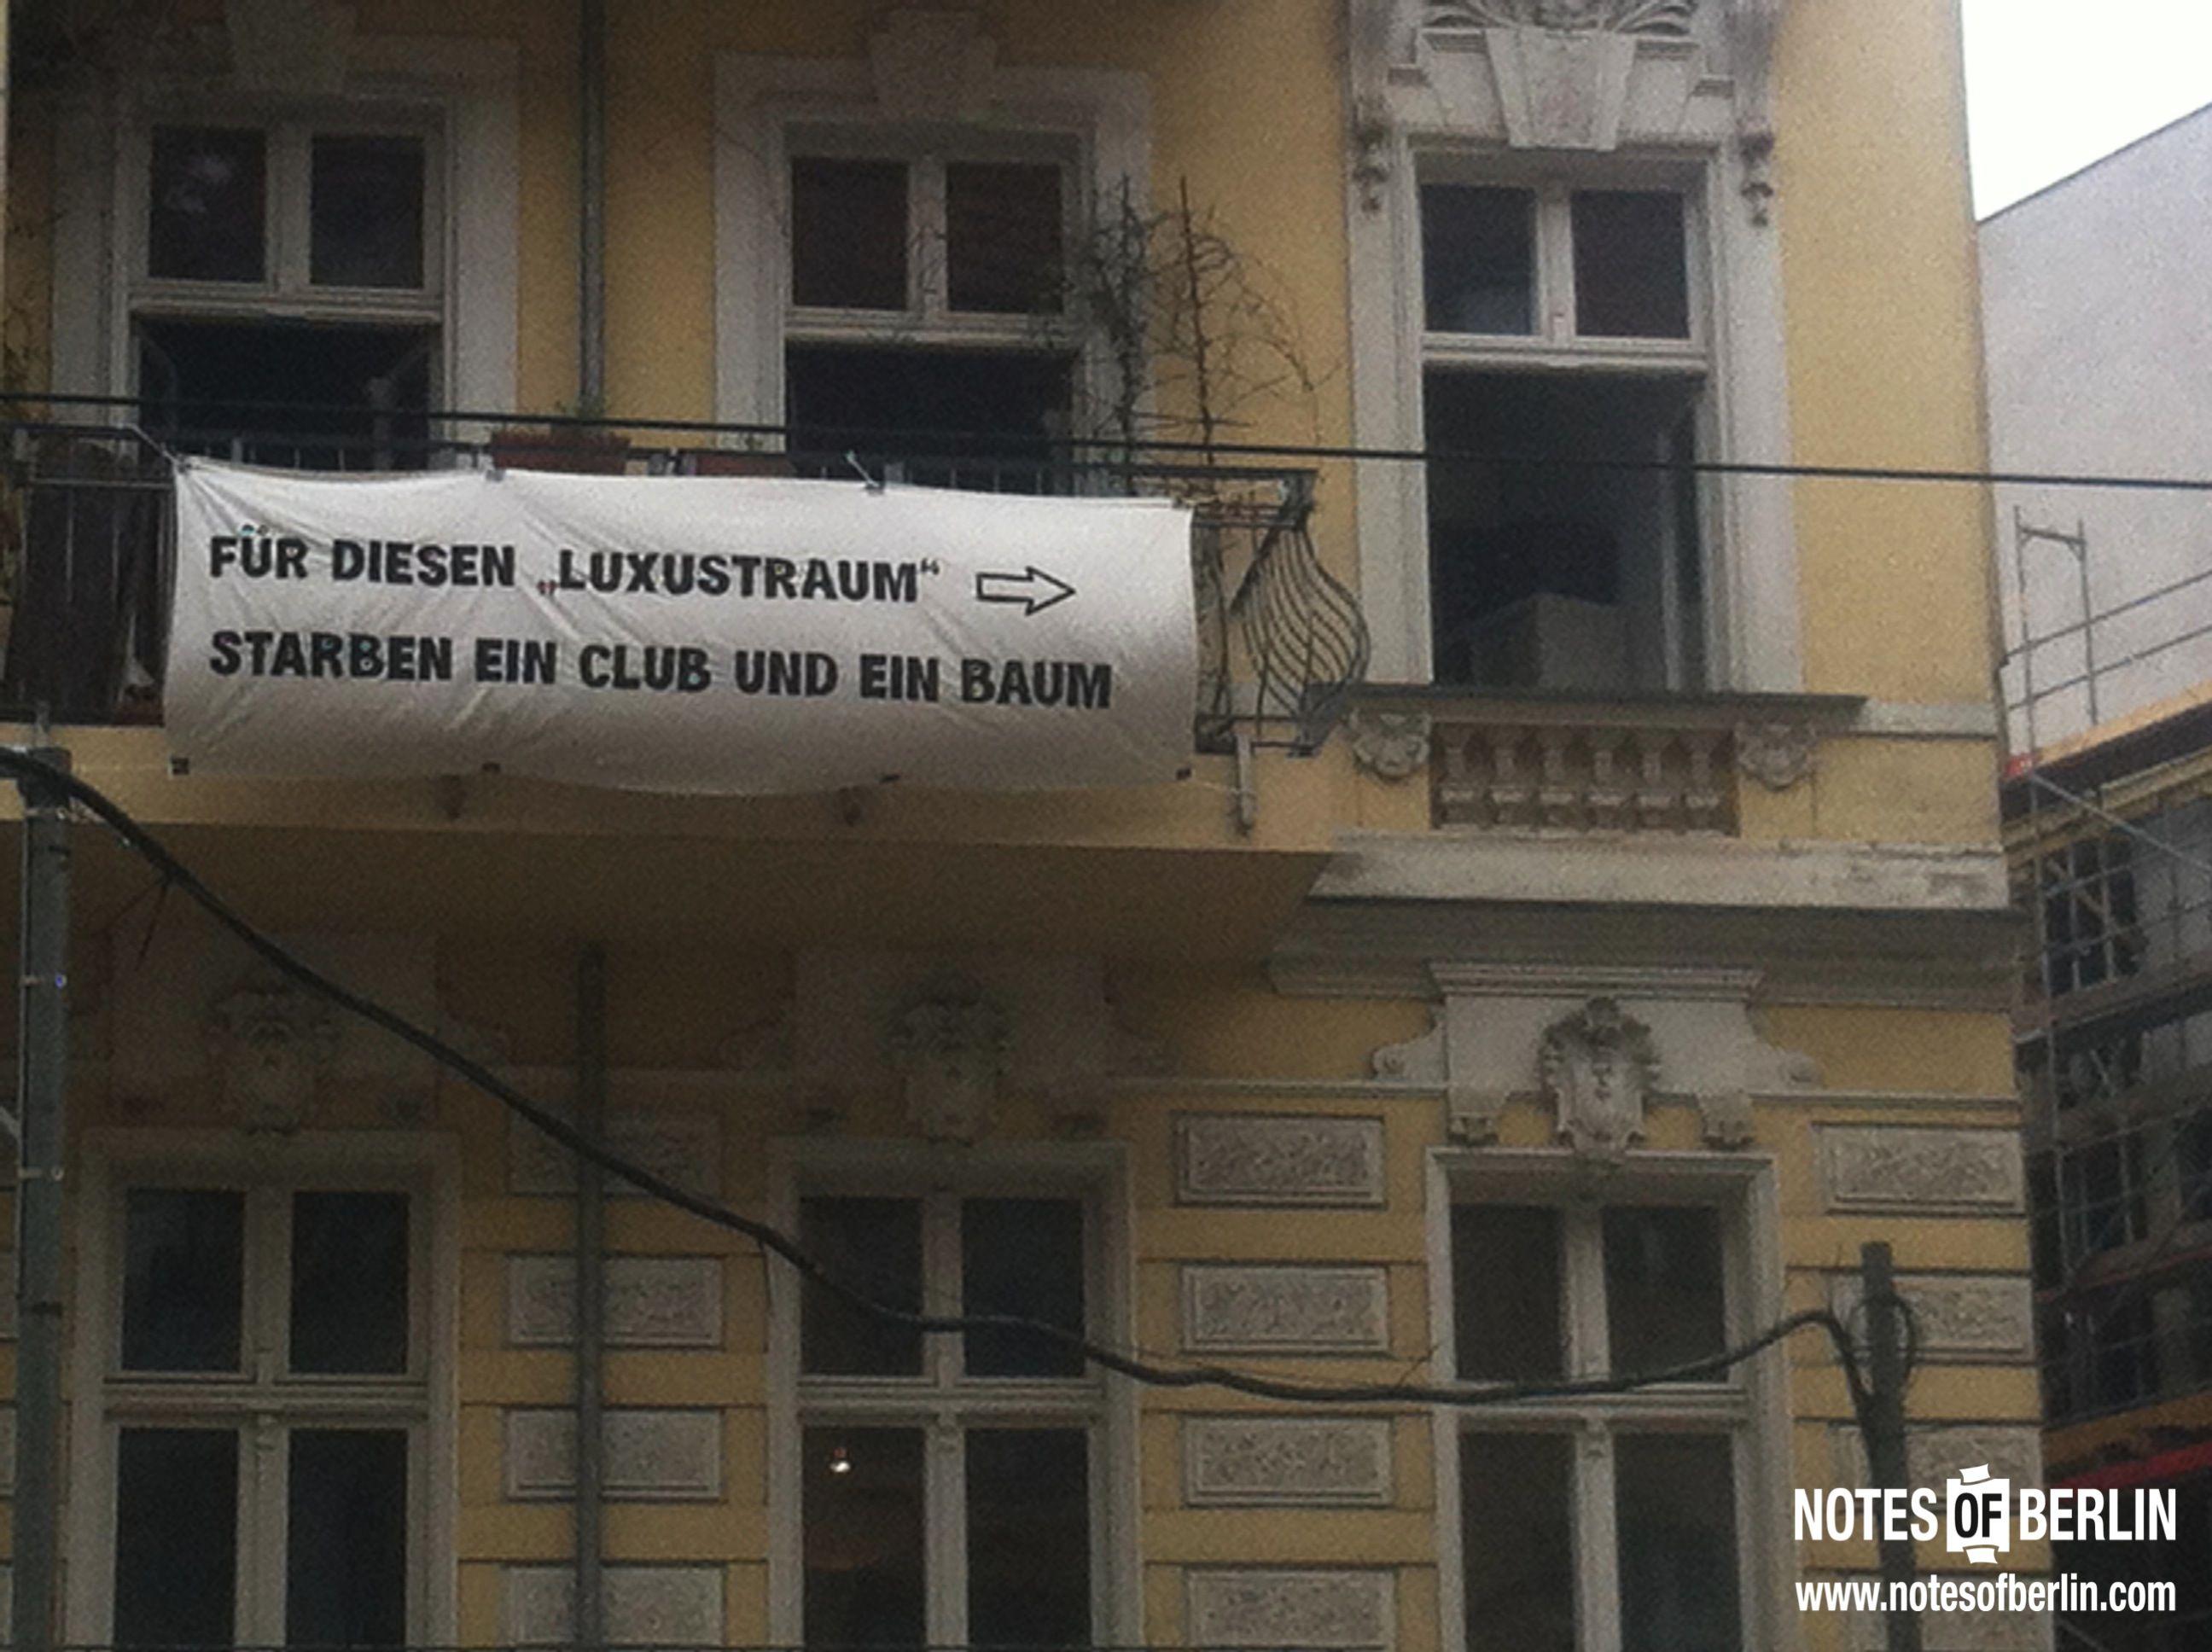 Pappelallee | #Prenzlauerberg // Mehr #NOTES findet ihr auf www.notesofberlin.com